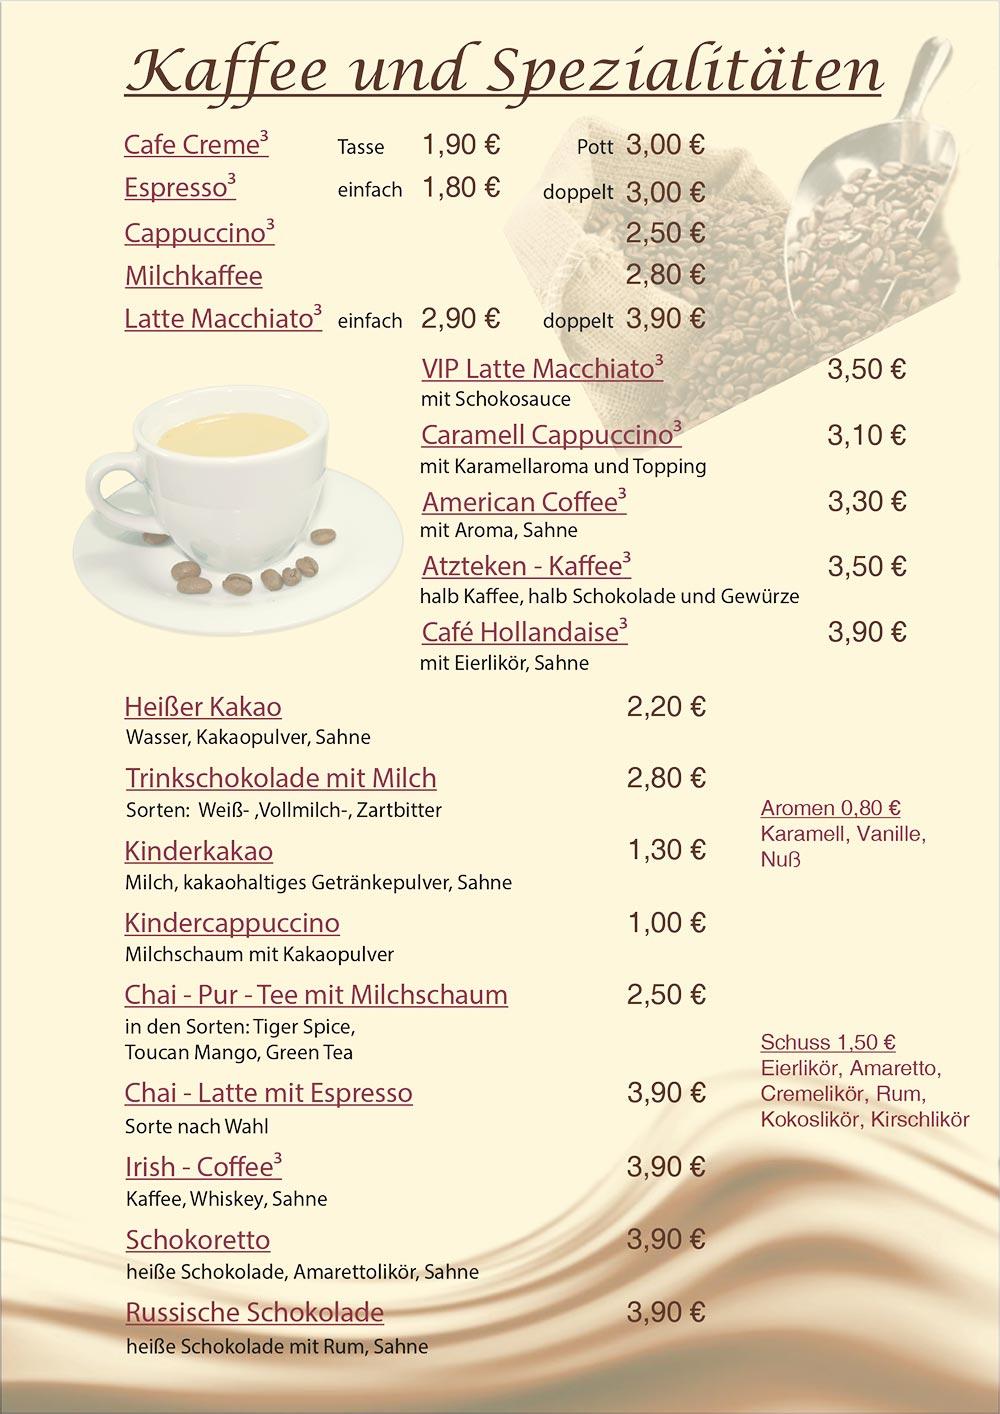 Kaffee & Spezialitäten